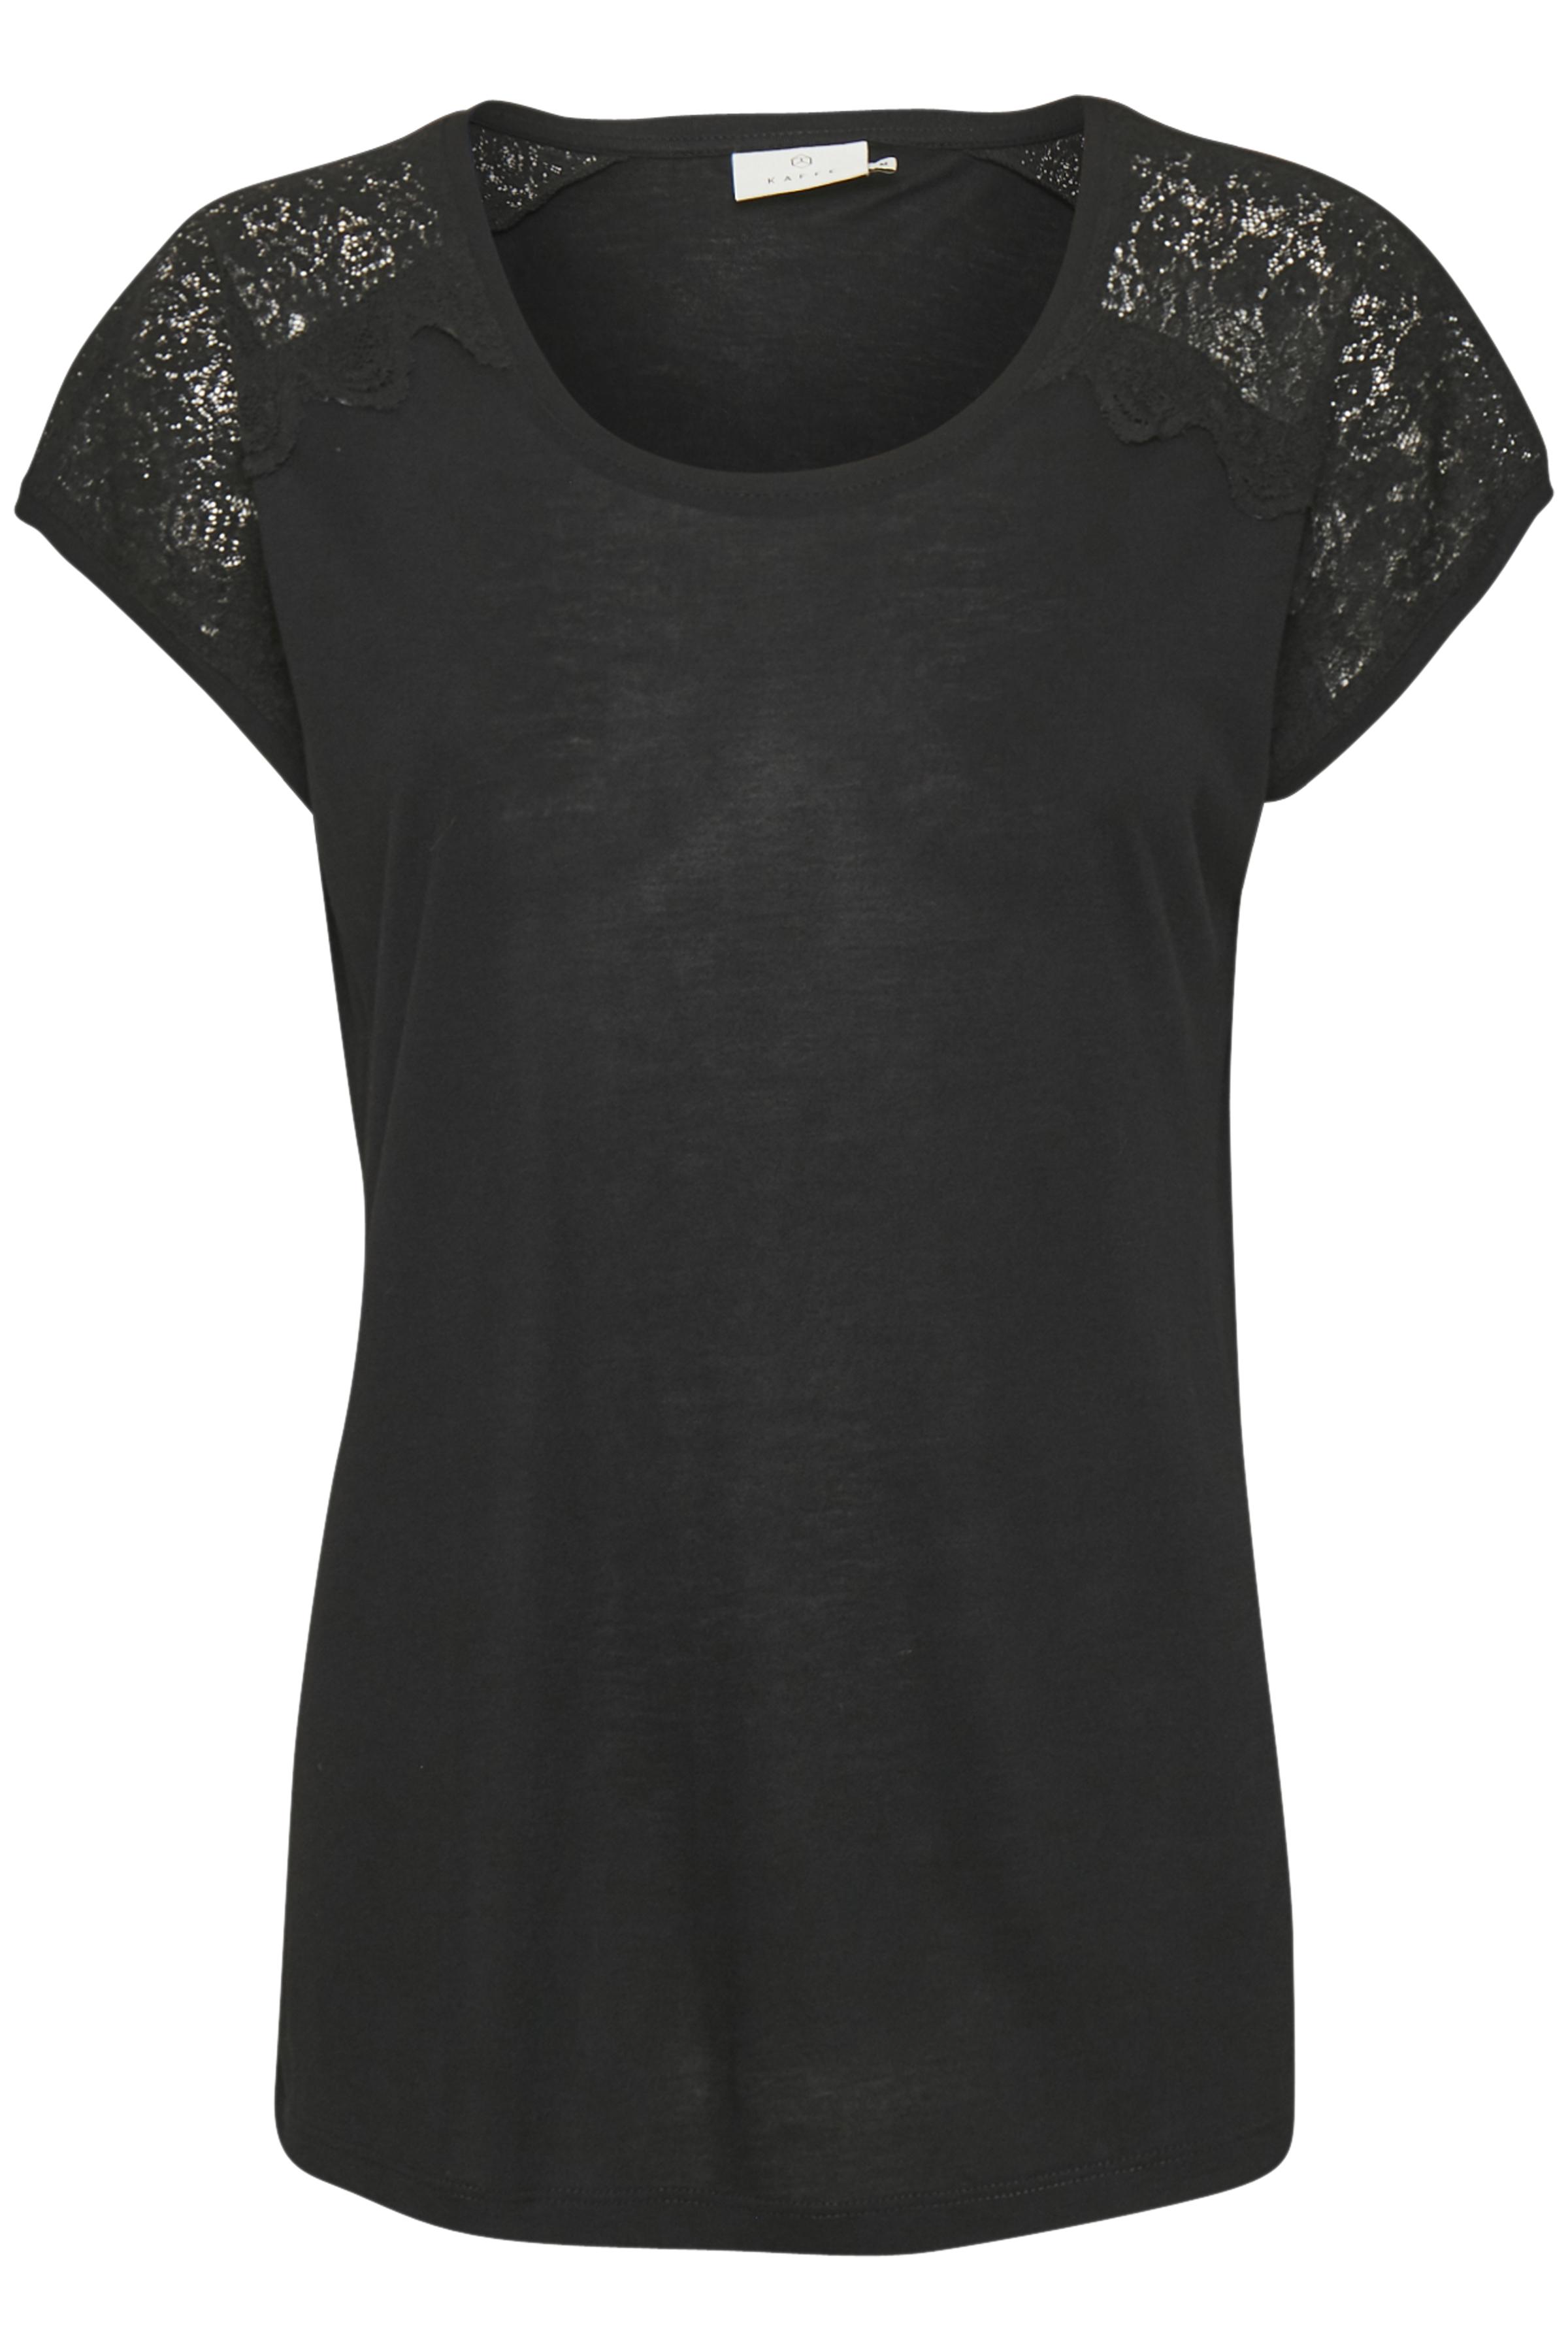 Zwart Korte mouwen T-shirt  van Kaffe – Door Zwart Korte mouwen T-shirt  van maat. XS-XXL hier